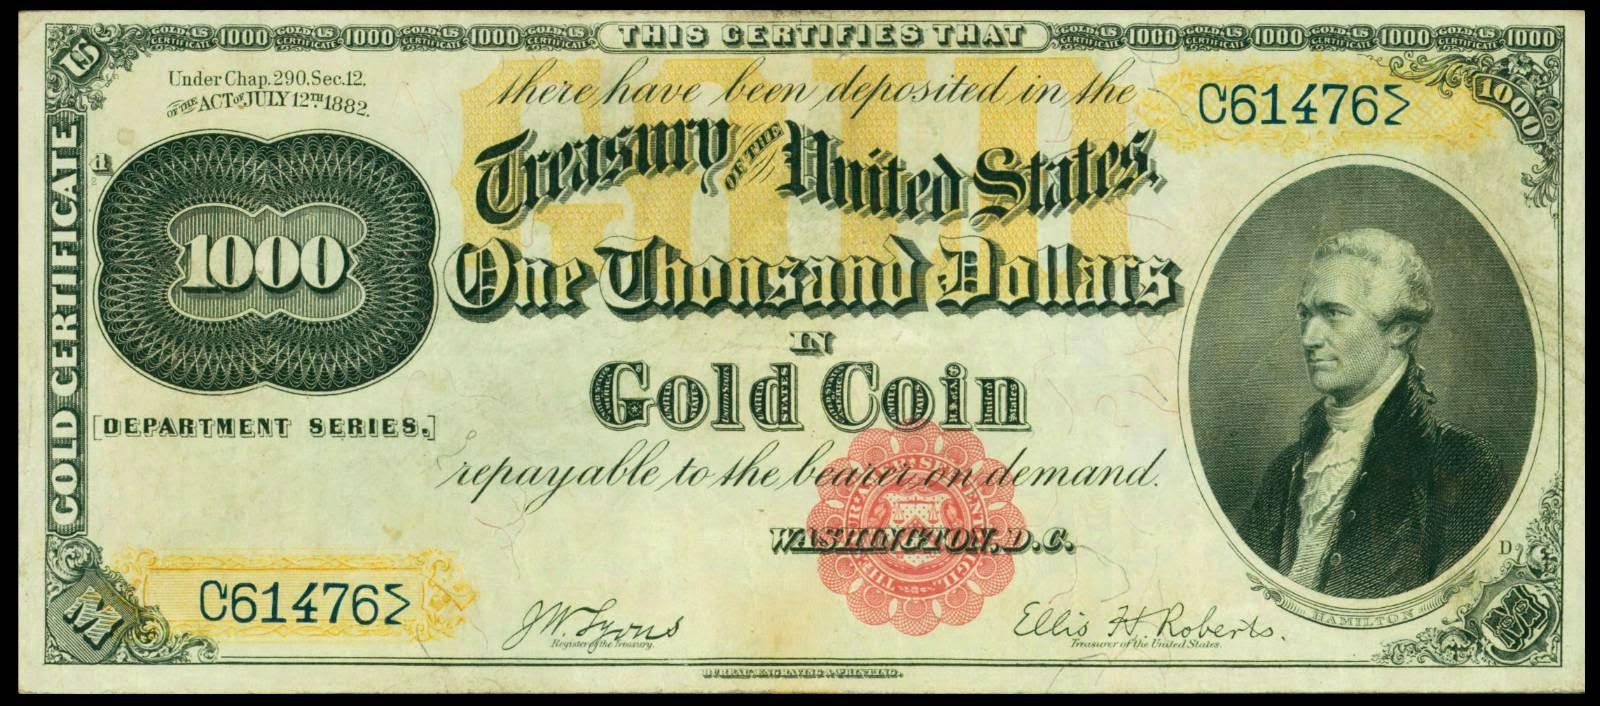 1000 Dollar Gold Sertificate